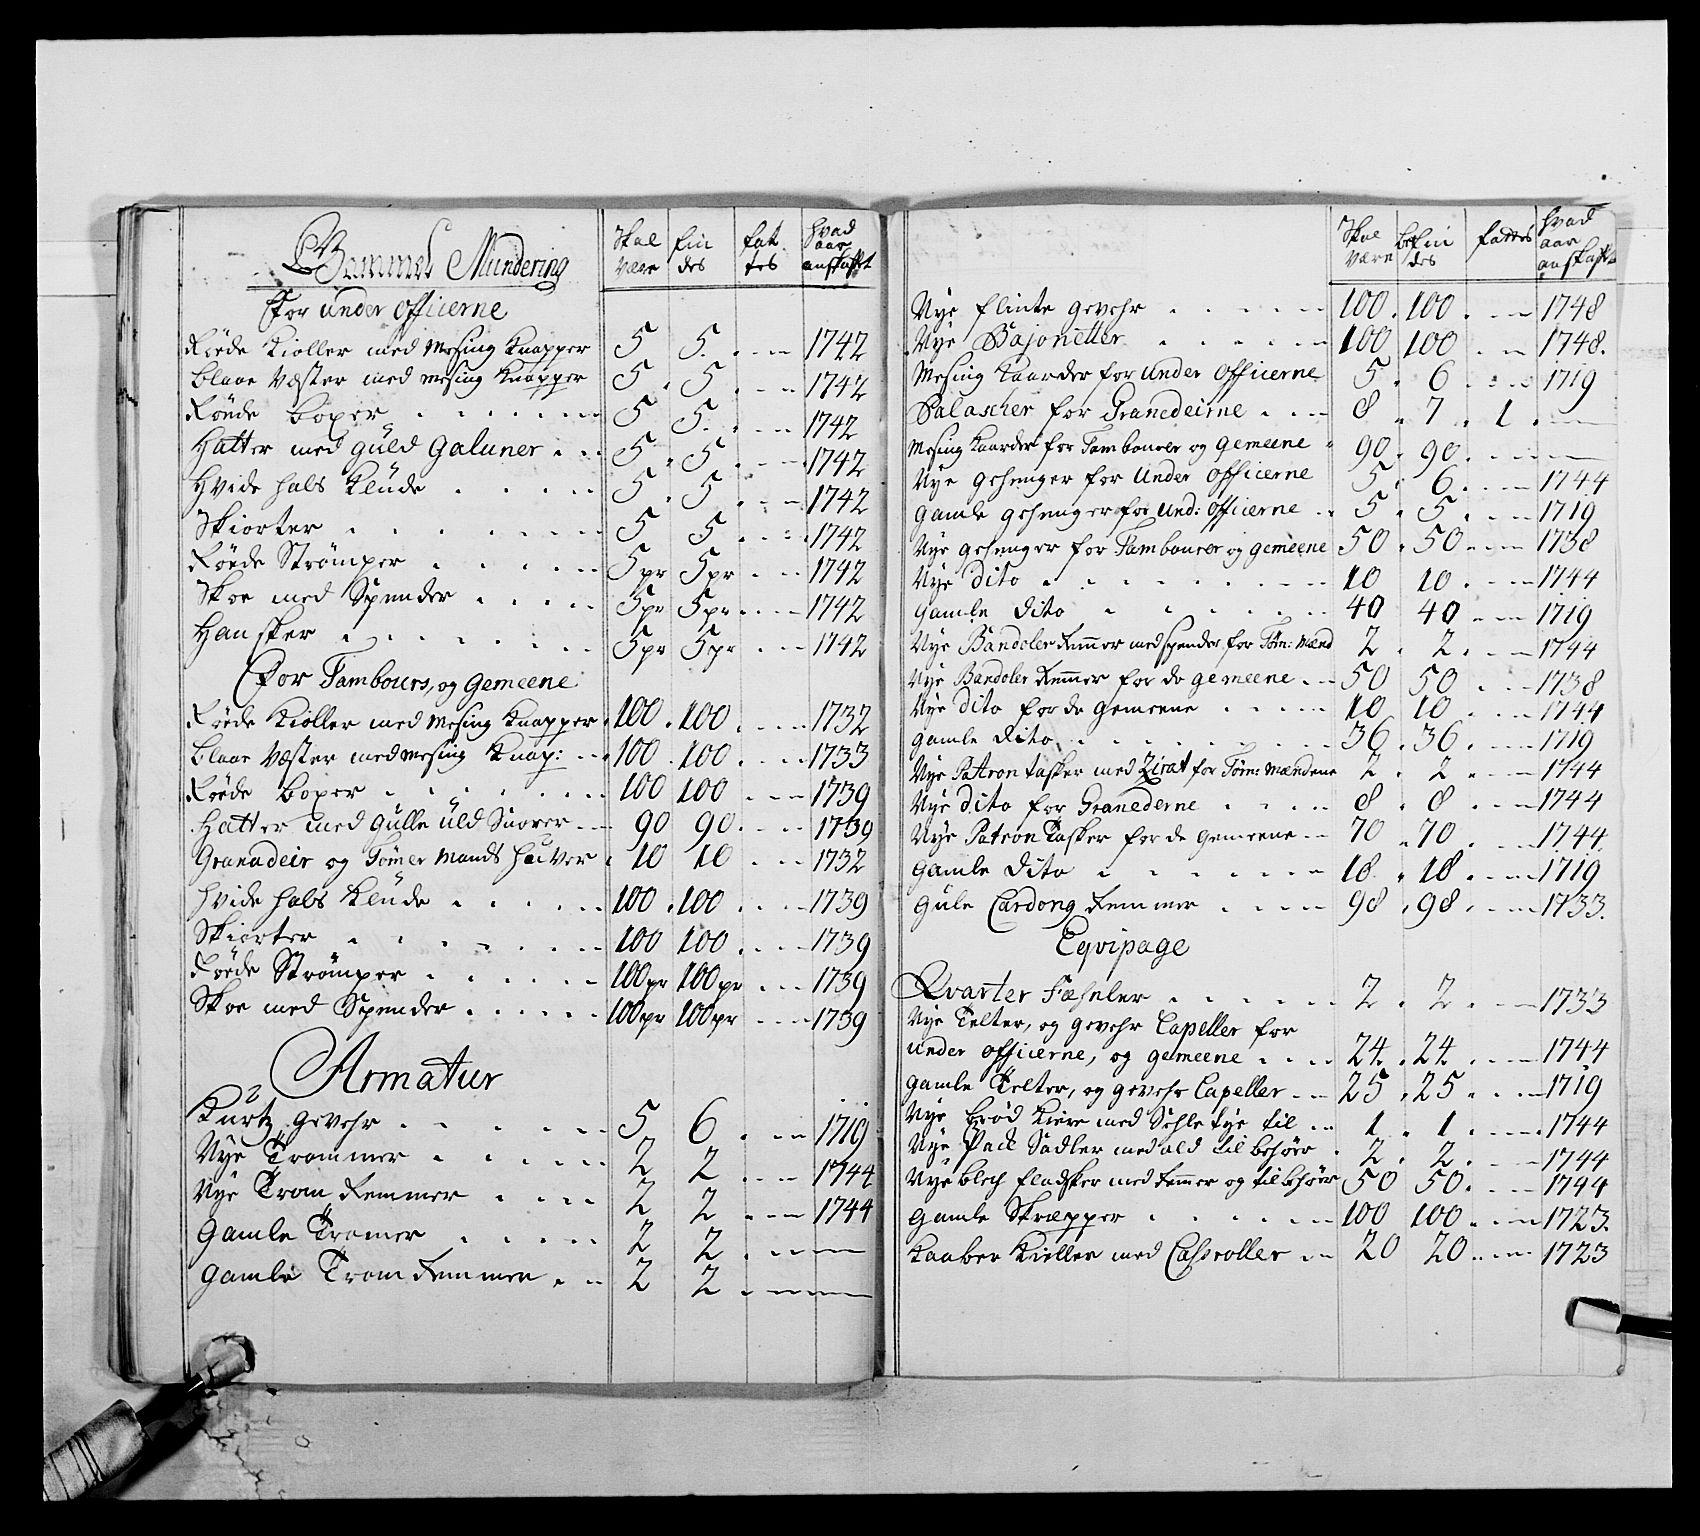 RA, Kommanderende general (KG I) med Det norske krigsdirektorium, E/Ea/L0512: 2. Trondheimske regiment, 1746-1749, s. 480